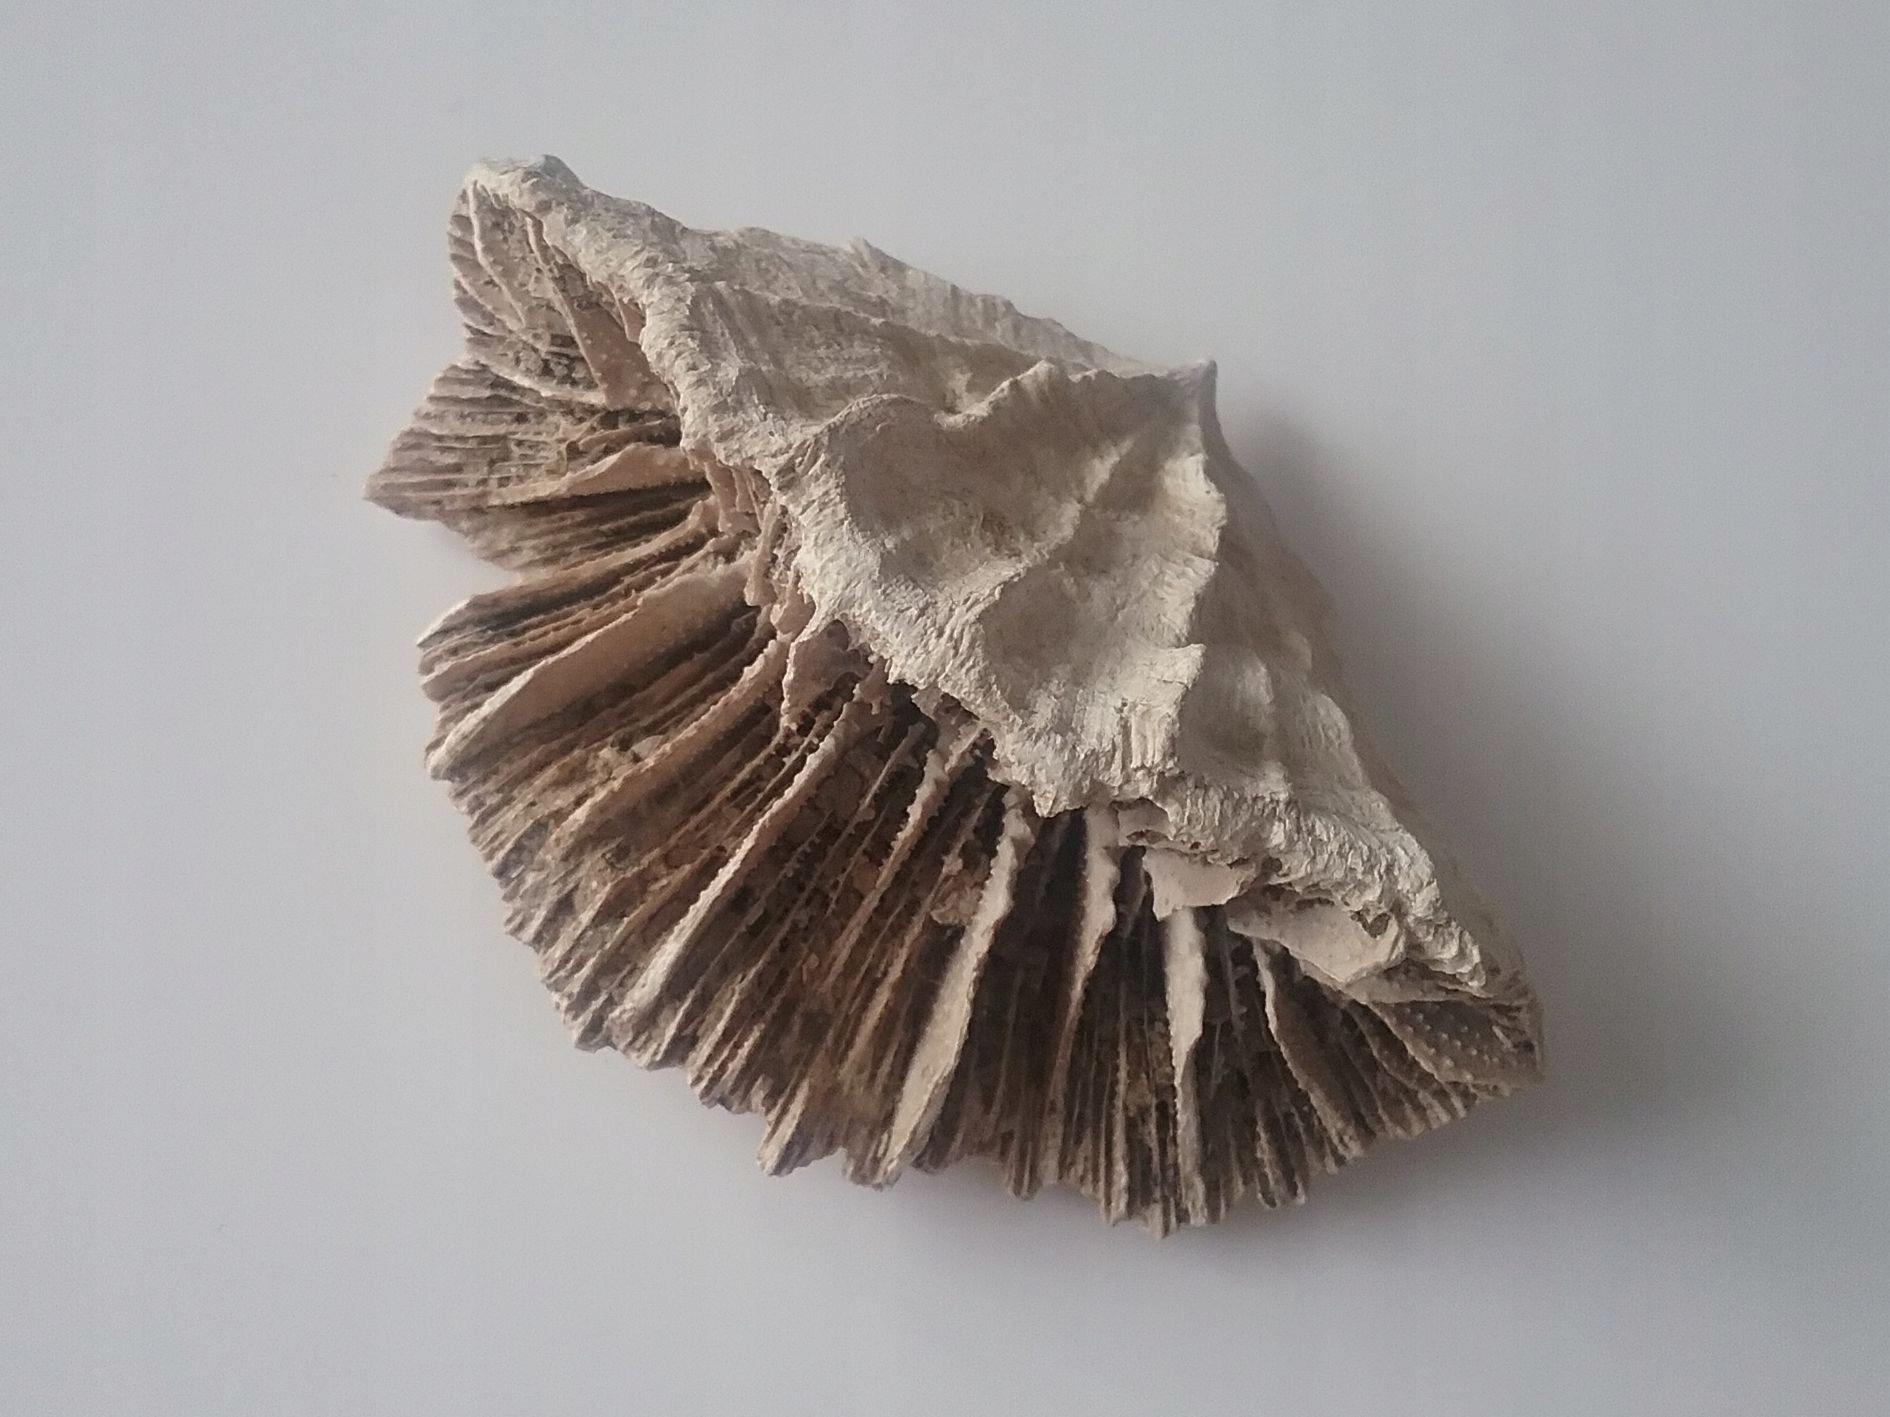 Koralowiec osobniczy  Flabellum. Korytnica,Miocen